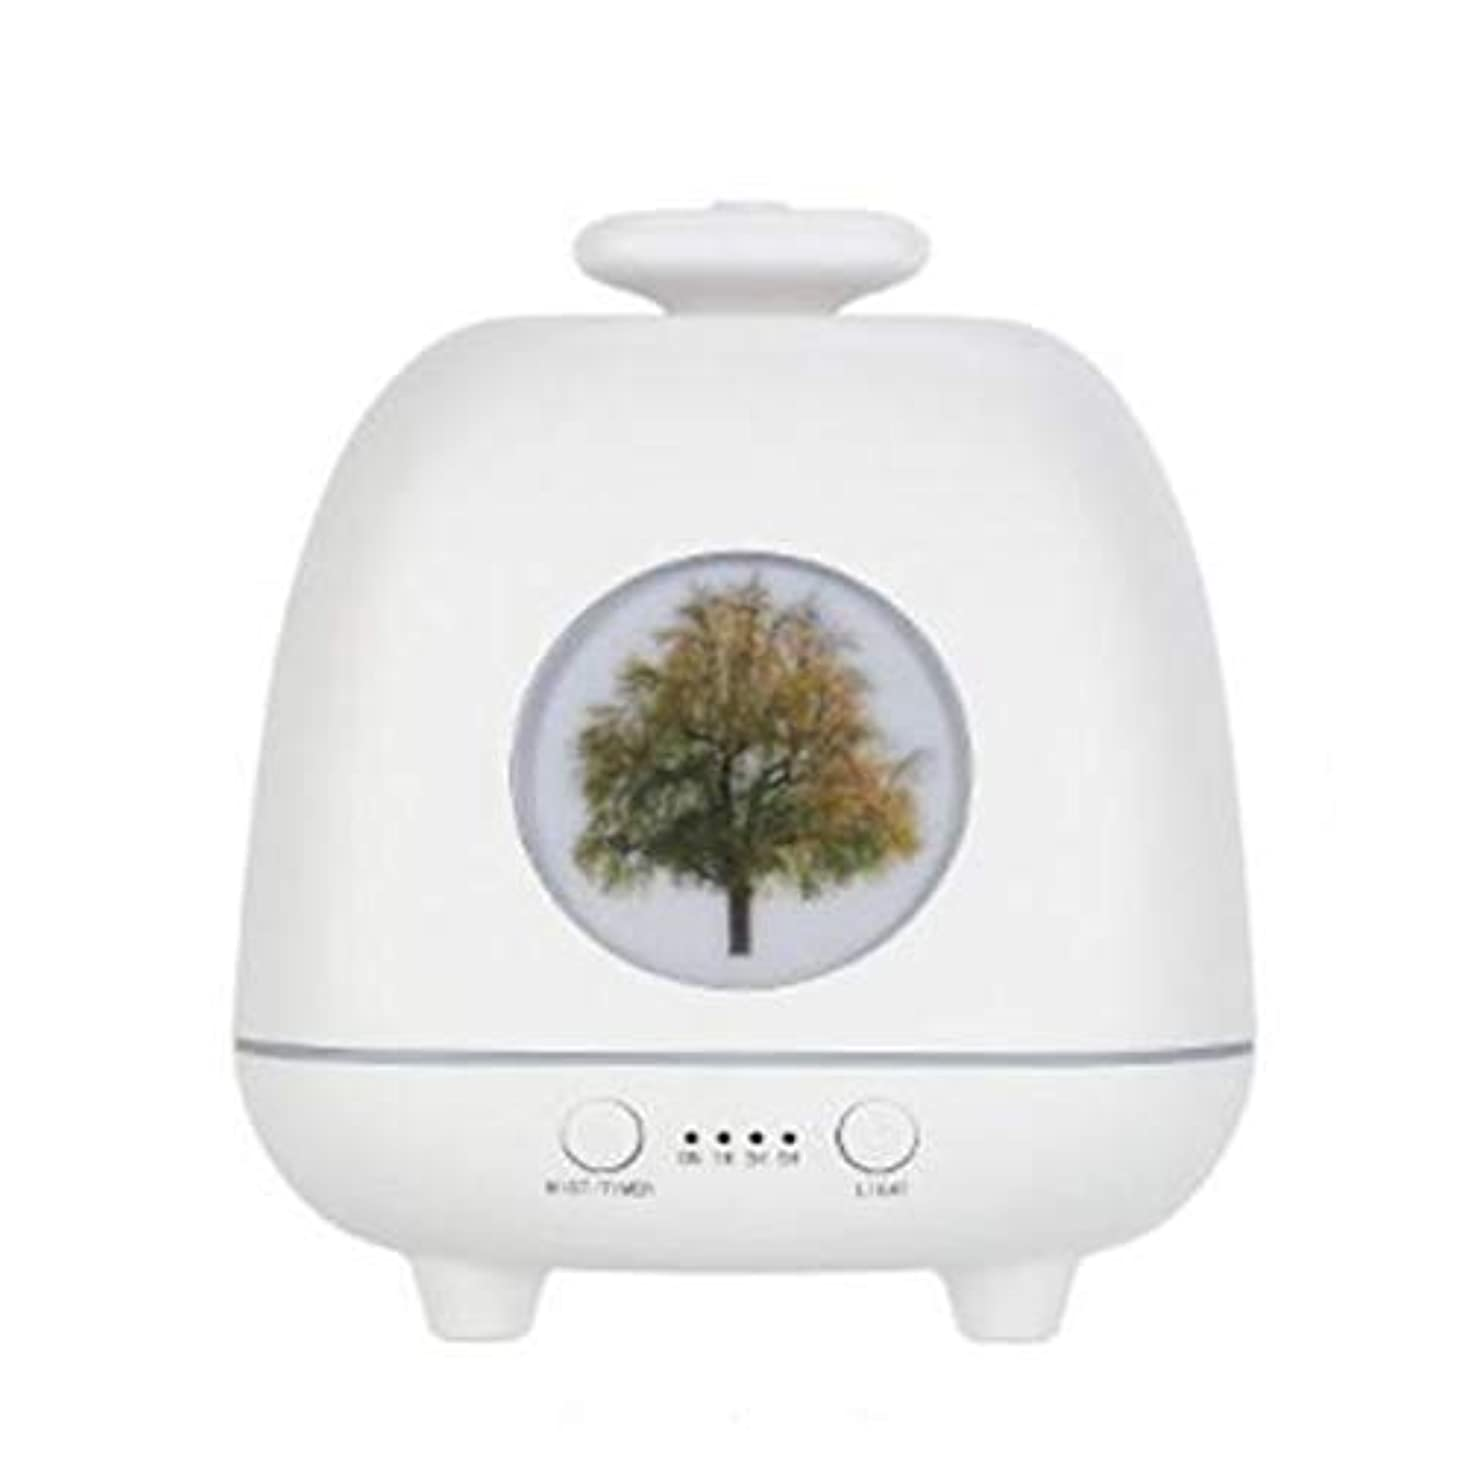 情報宣言する土曜日涼しい霧 香り 精油 ディフューザー,7 色 空気を浄化 4穴ノズル 加湿器 時間 加湿機 ホーム Yoga デスク オフィス ベッド- 230ml